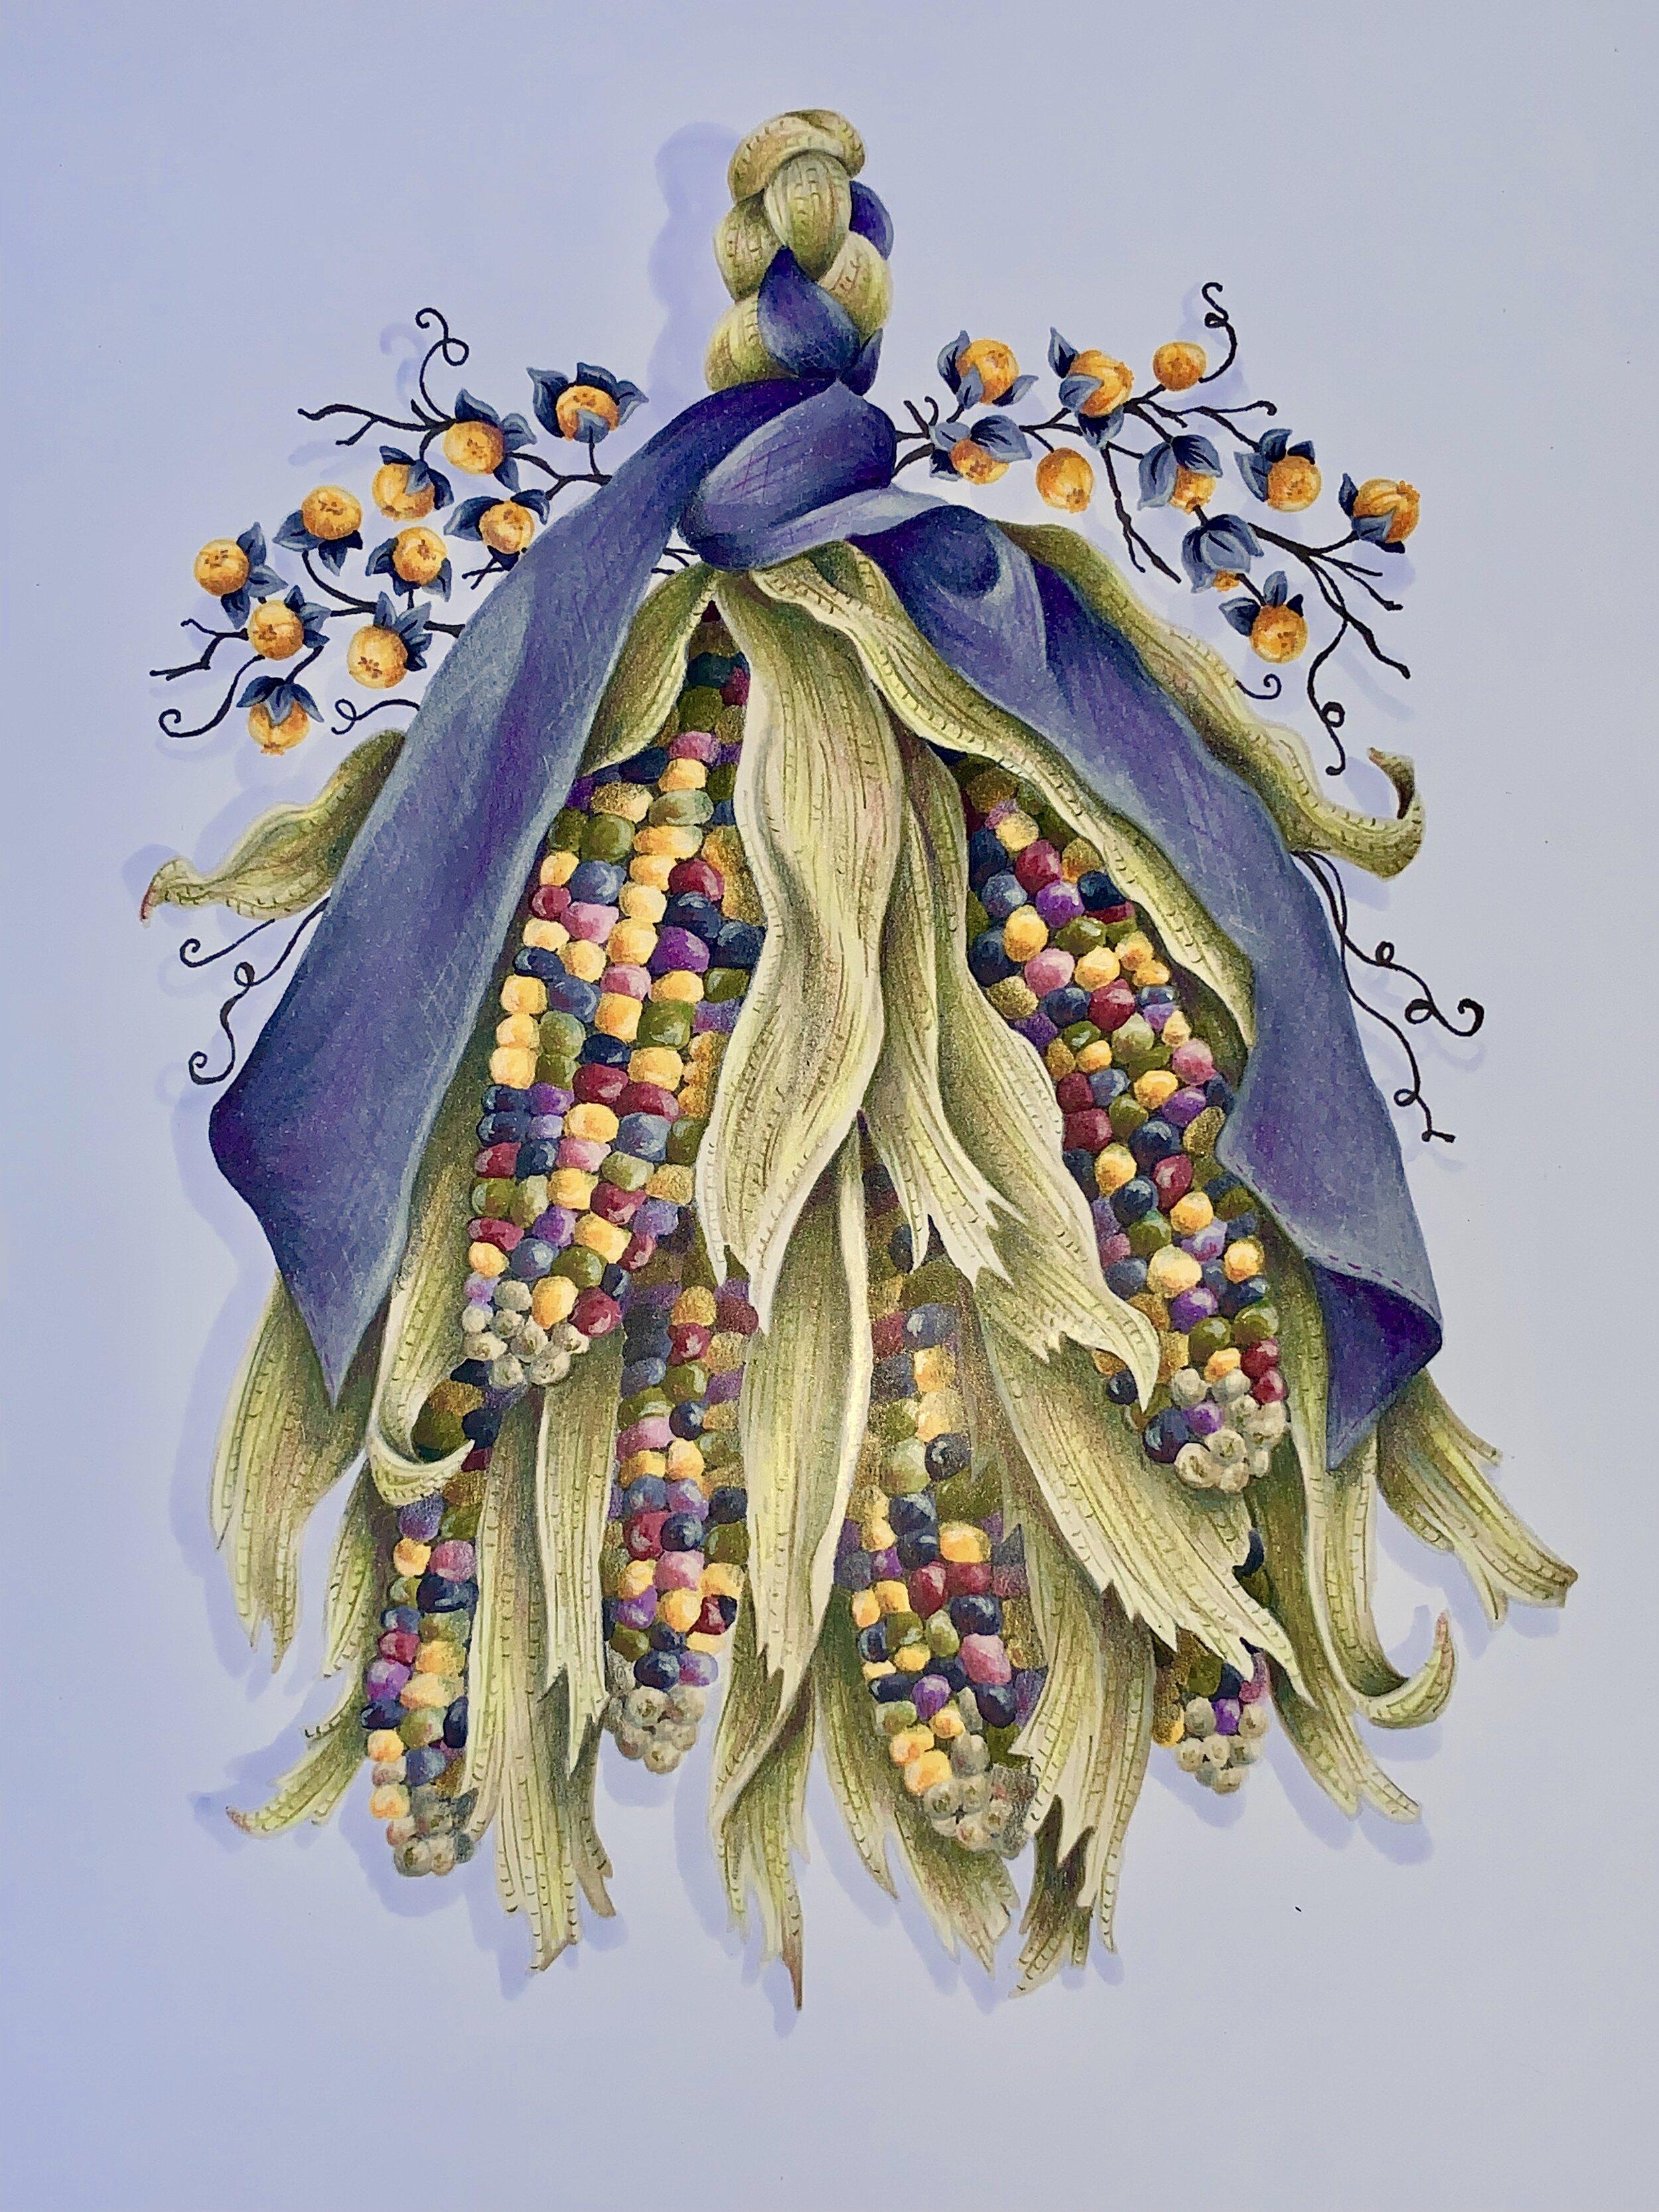 Maize For Days Carde Diem